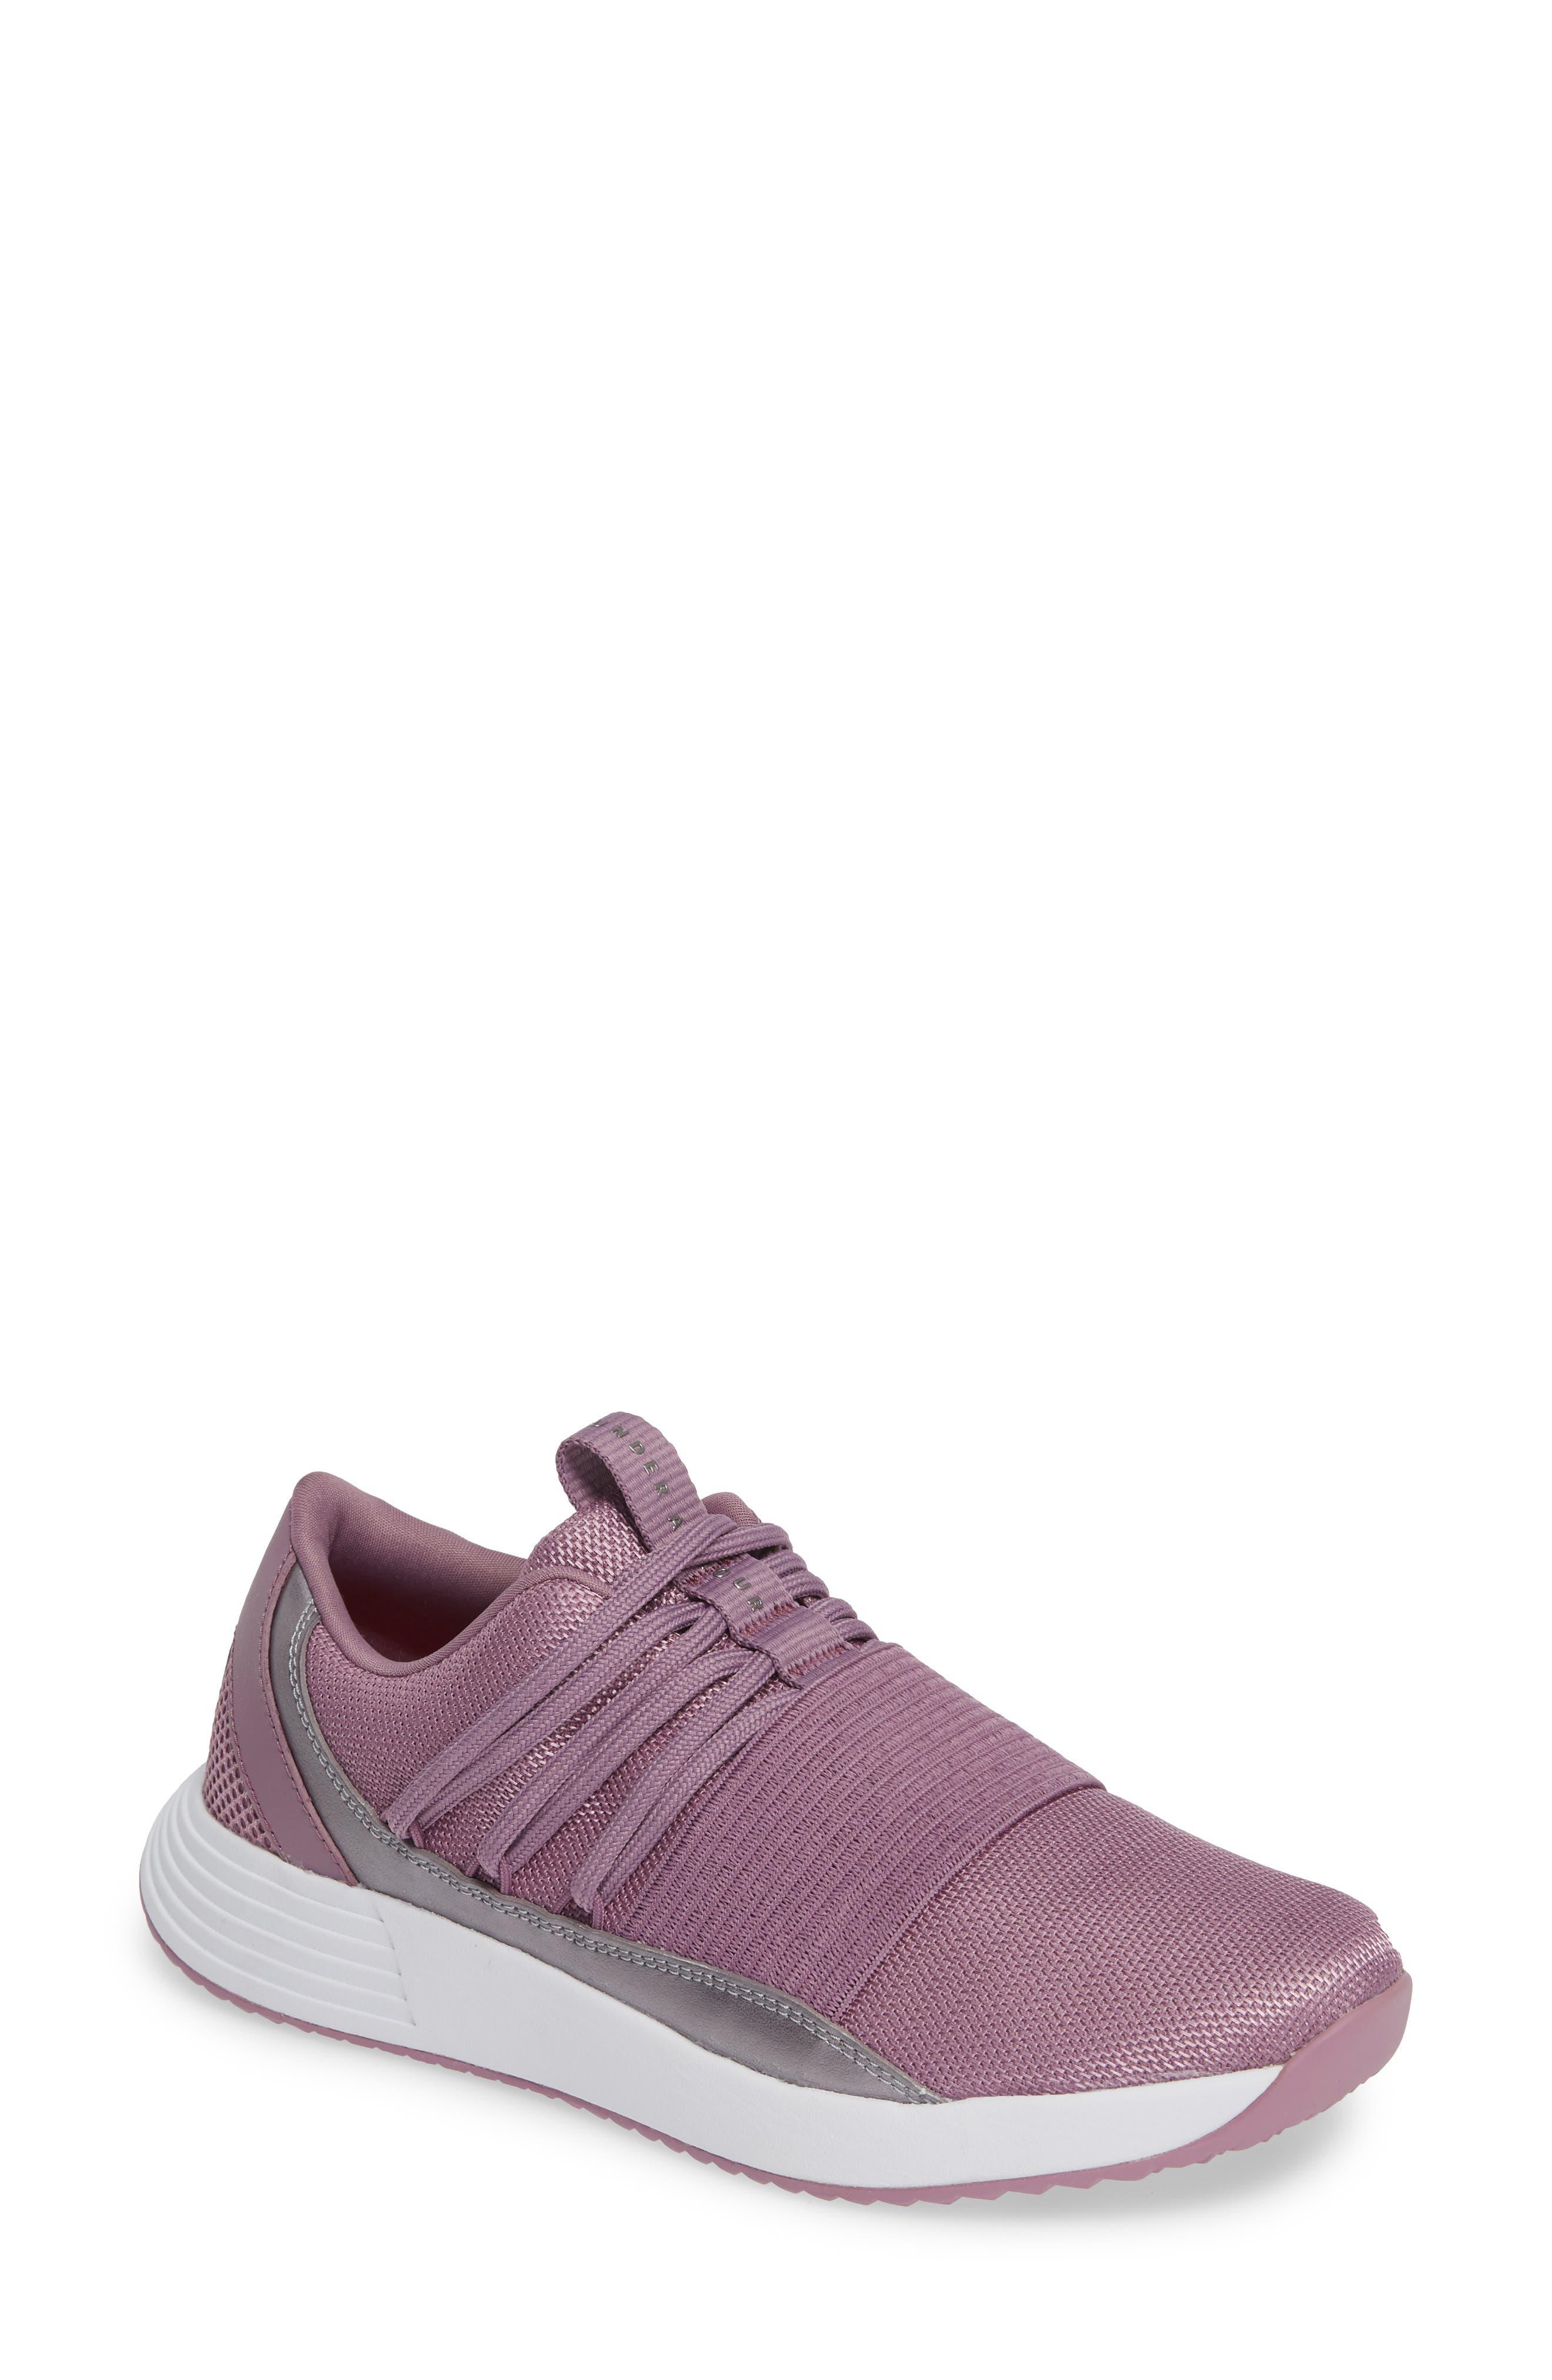 Breathe Lace X NM Sneaker,                         Main,                         color, PURPLE PRIME/ WHITE/ WHITE